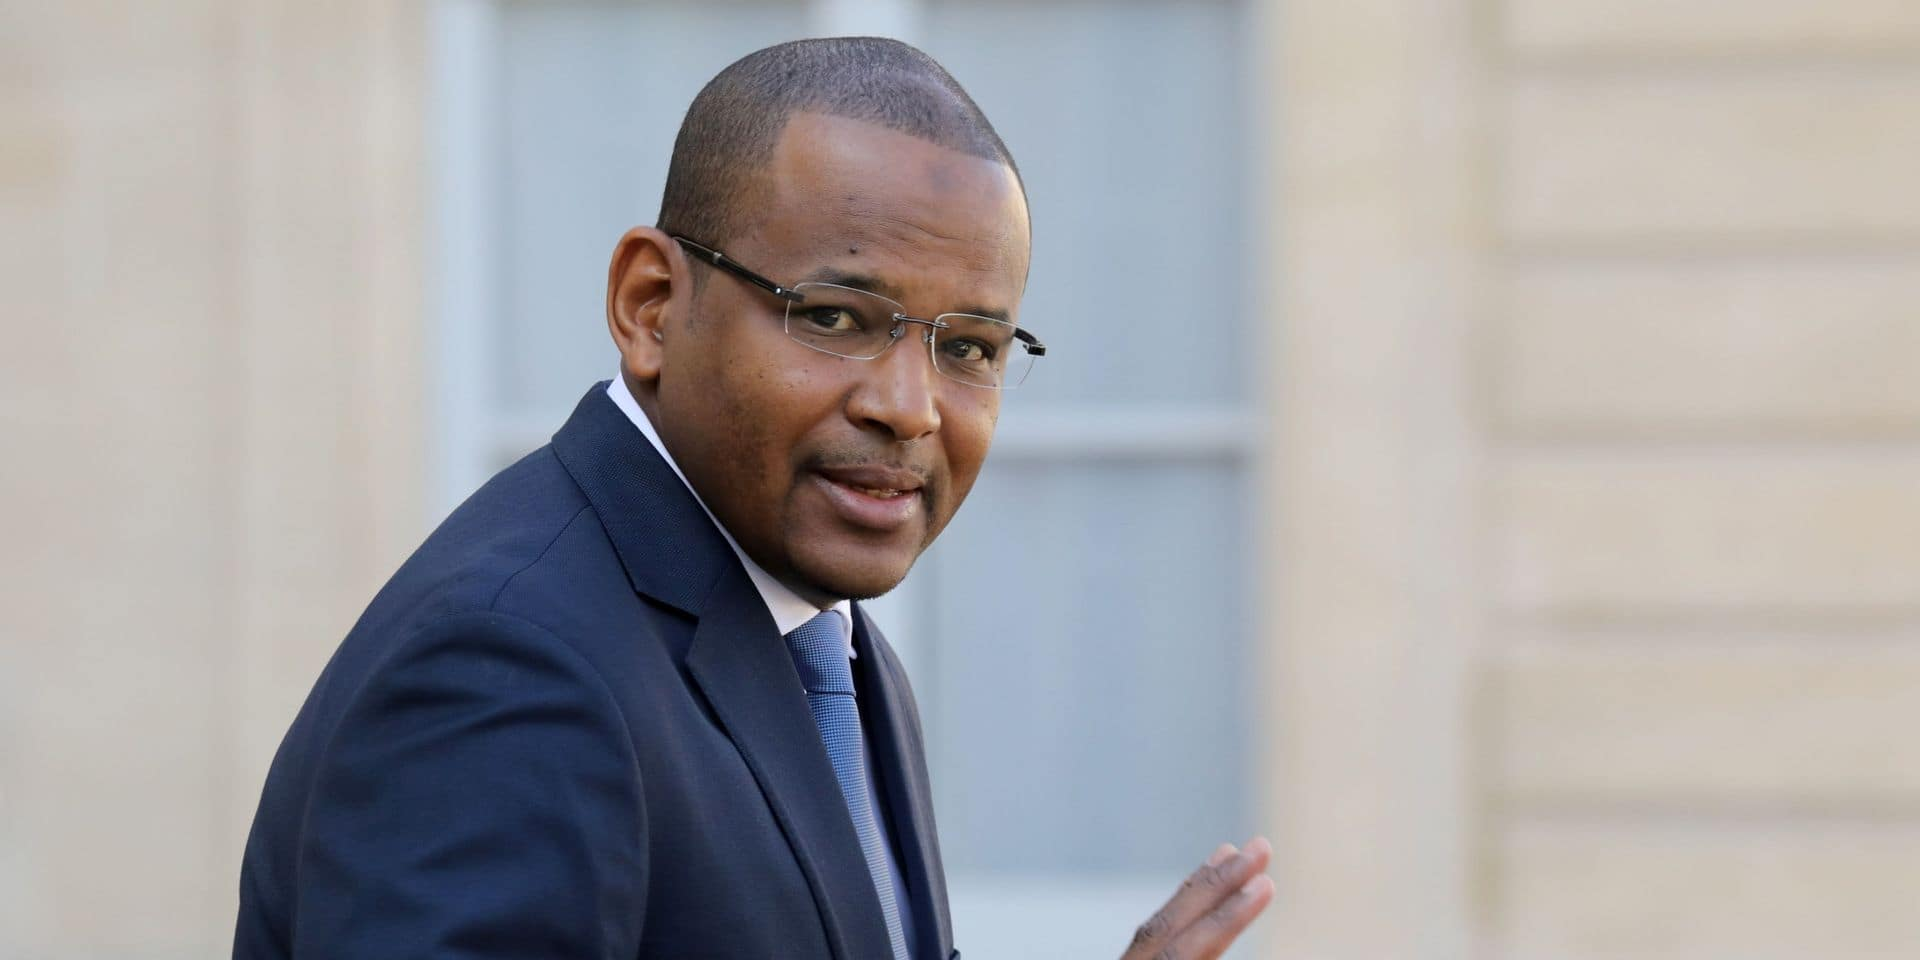 Réunion d'urgence mercredi du Conseil de sécurité de l'ONU suite au coup d'État au Mali